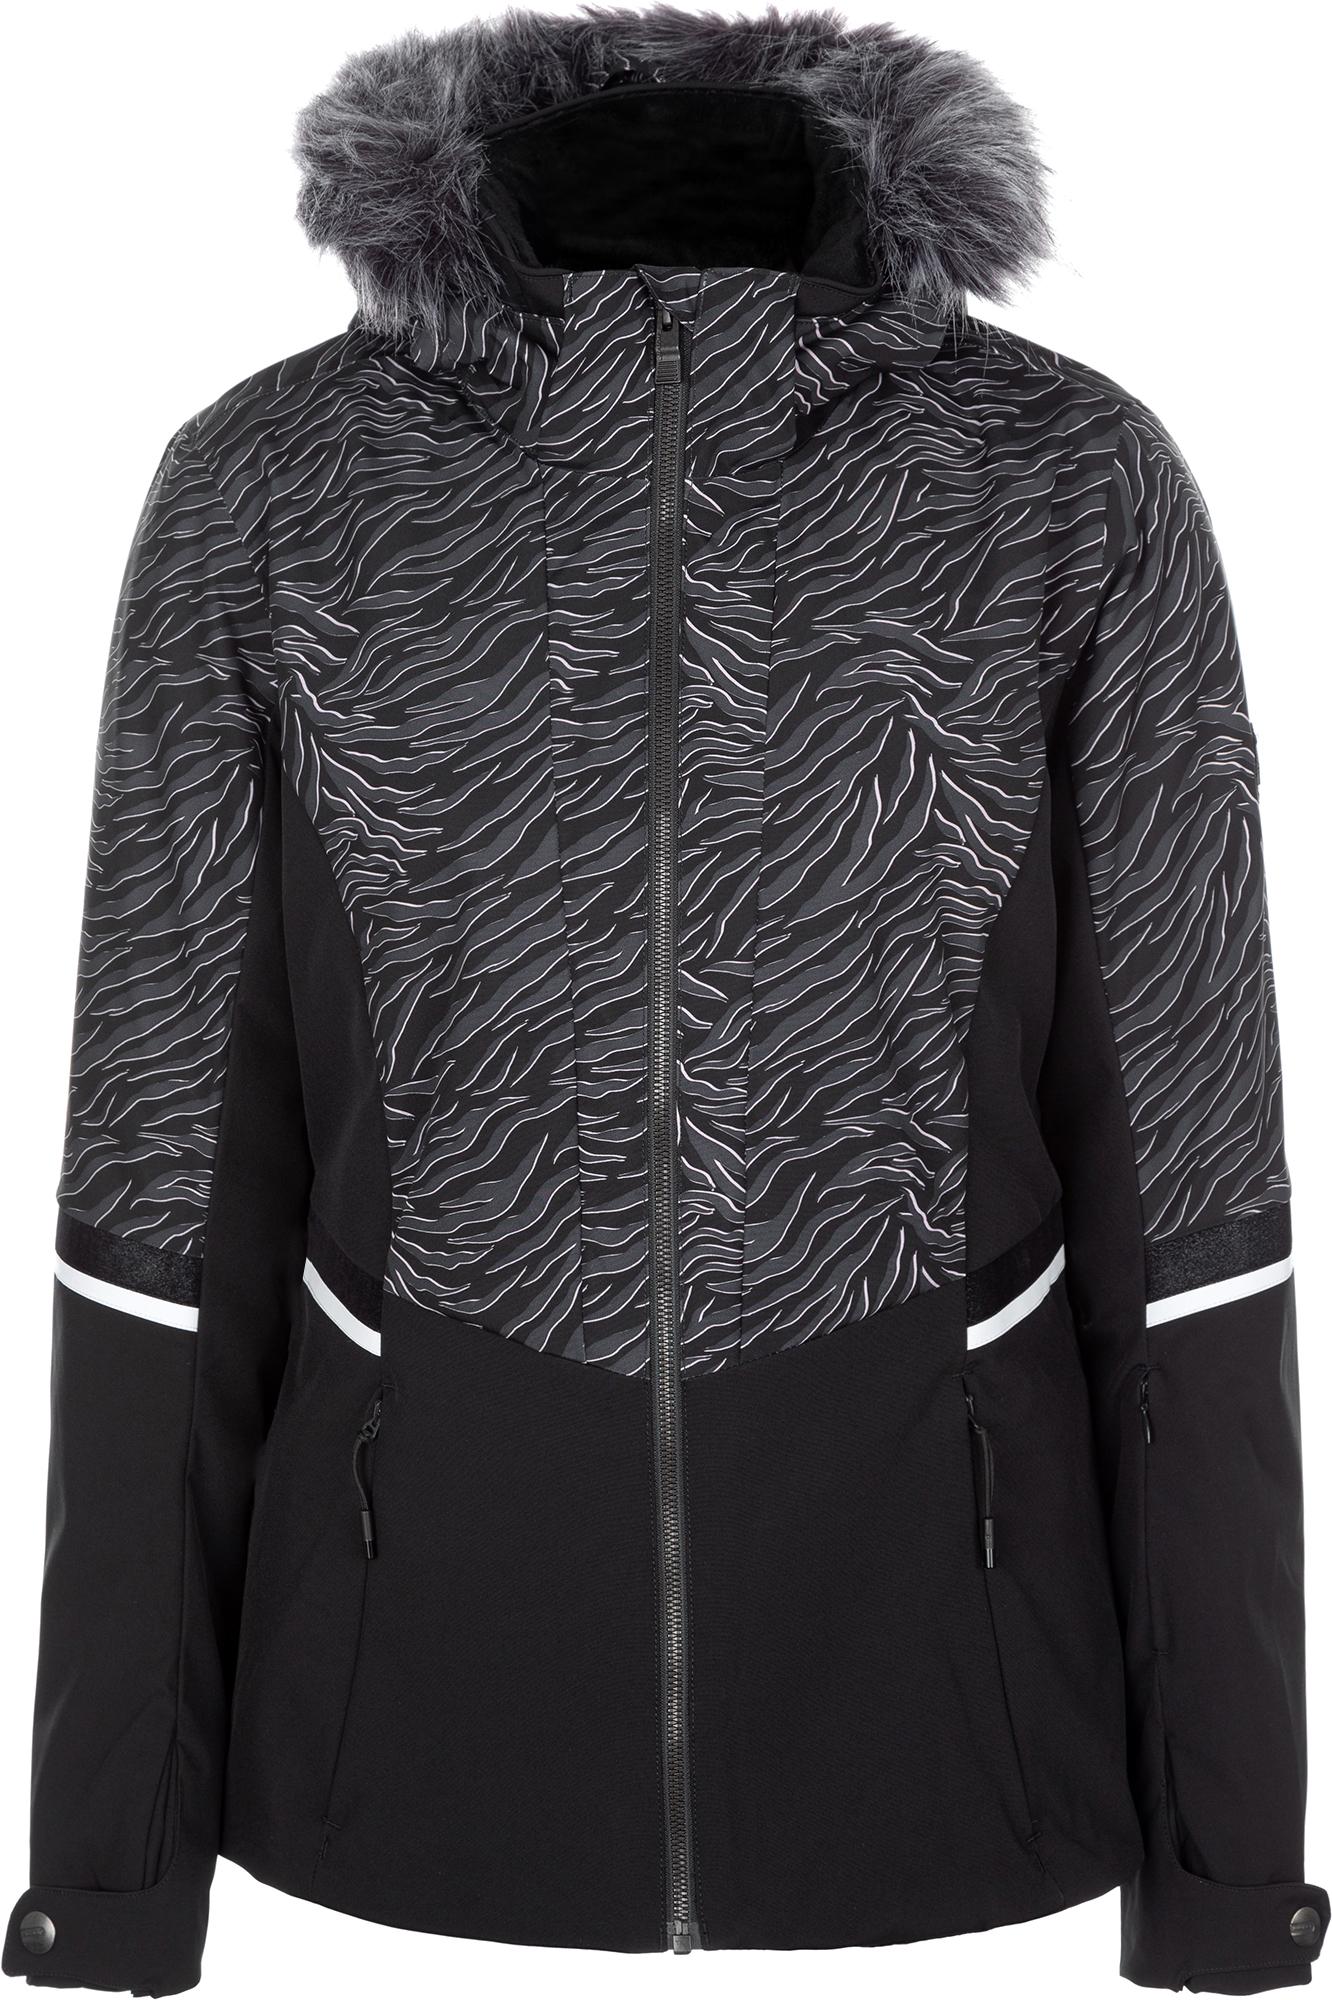 Ziener Куртка утепленная женская Ziener Toyah, размер 50